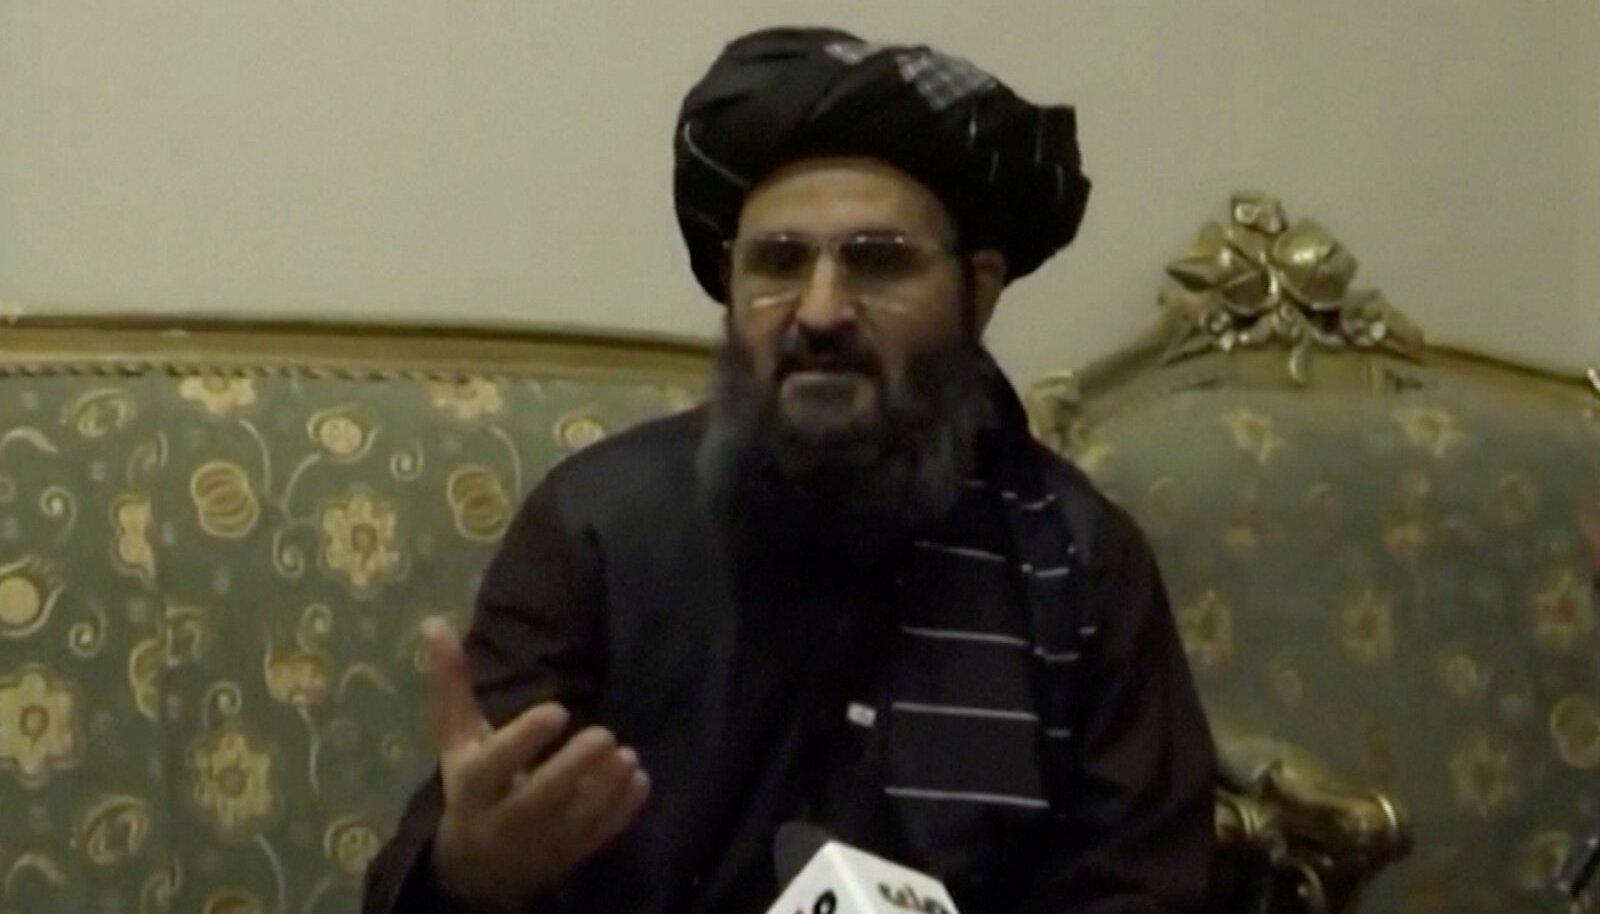 Mulla Baradar ilmus kolmapäeval televisiooni, et teated oma surmast ümber lükata.